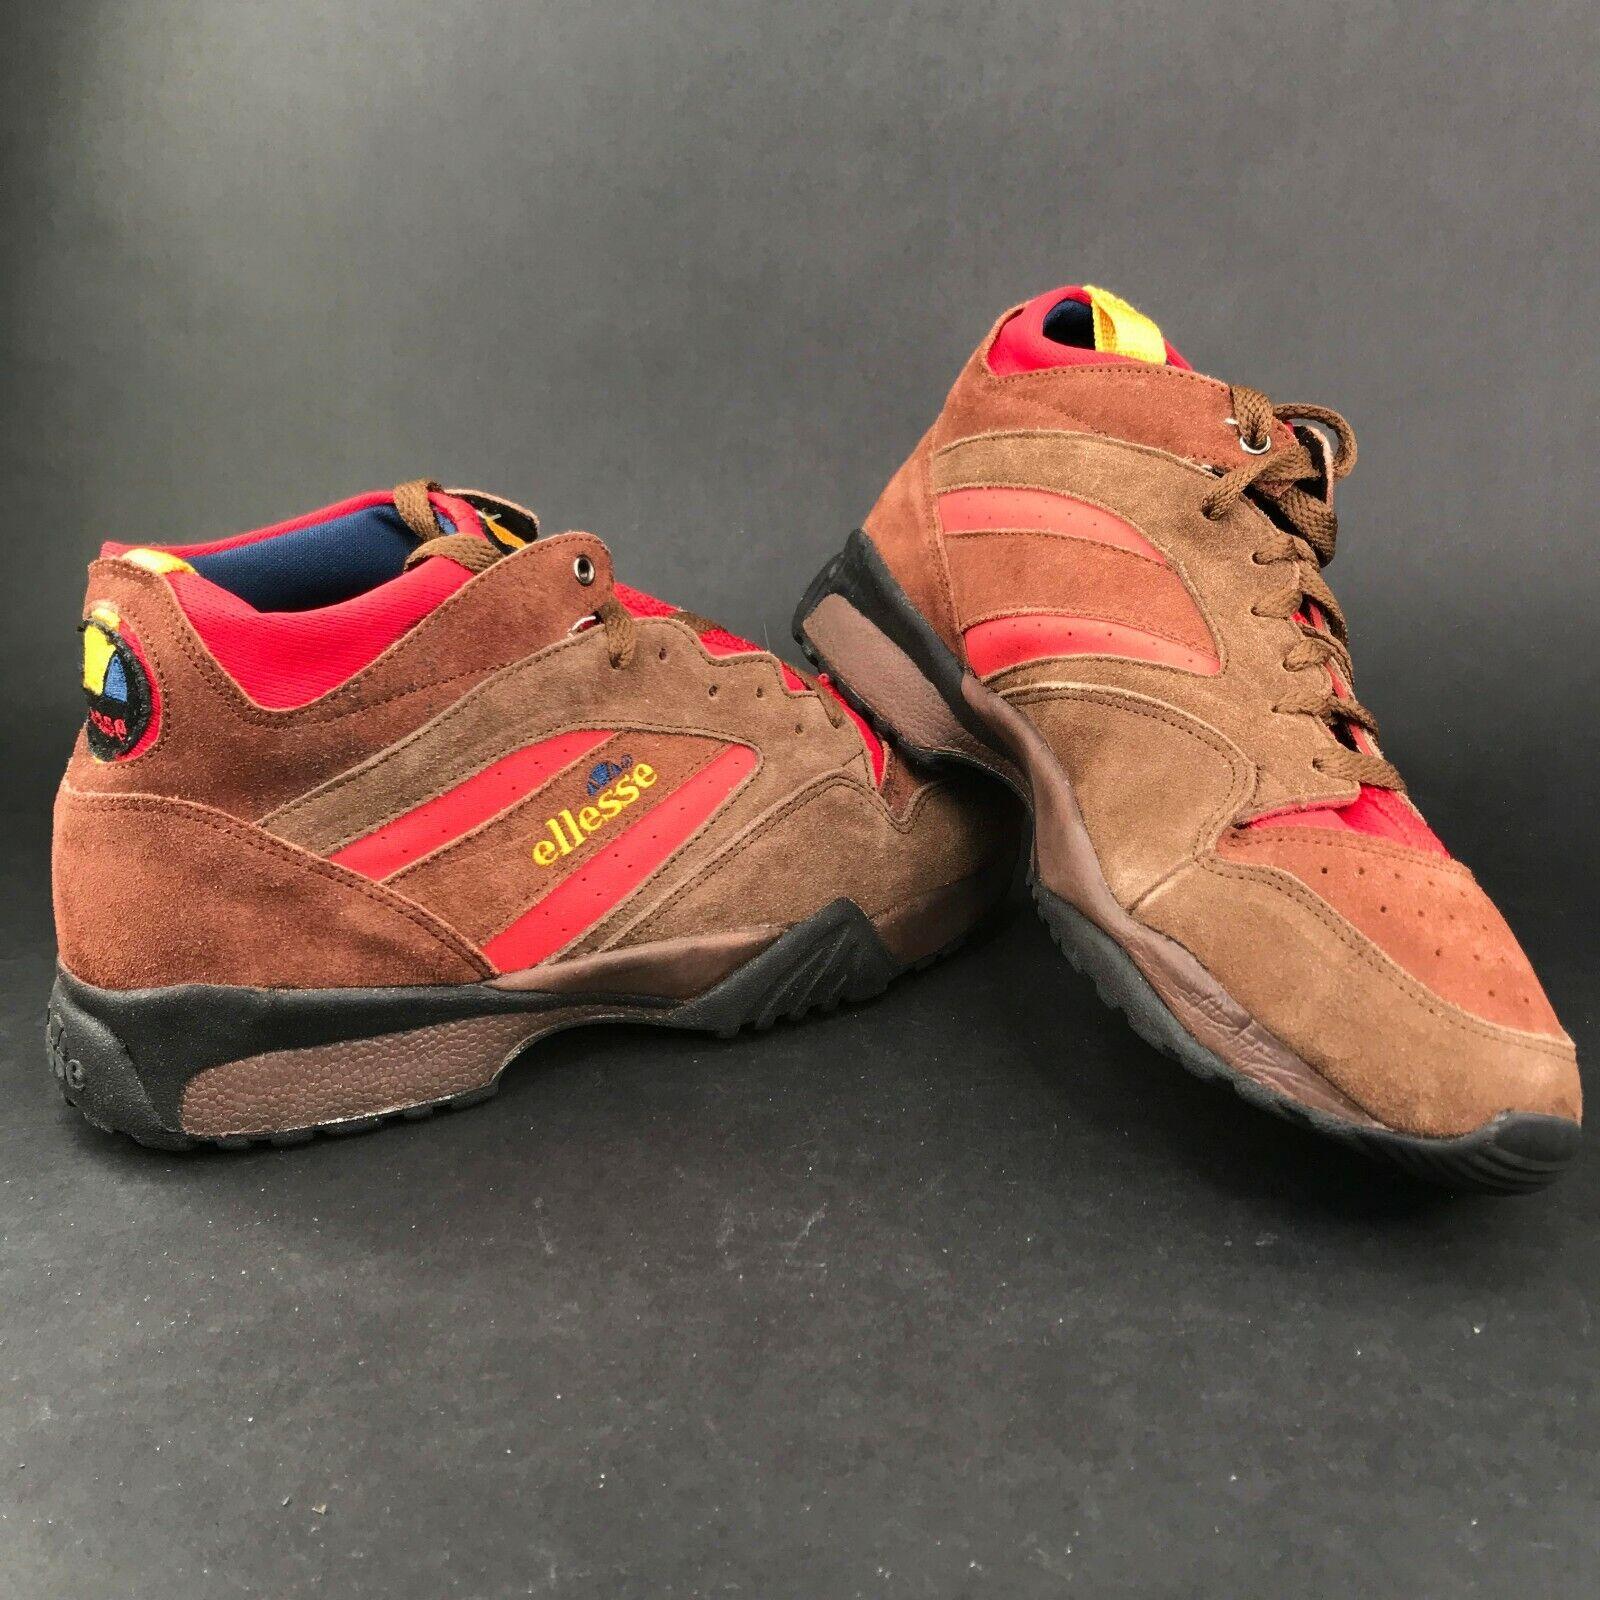 Vintage Ellesse Para Hombre 10M Gamuza Cuero Negro Marrón Zapatos De Senderismo Amarillo Rojo Nuevo con etiquetas